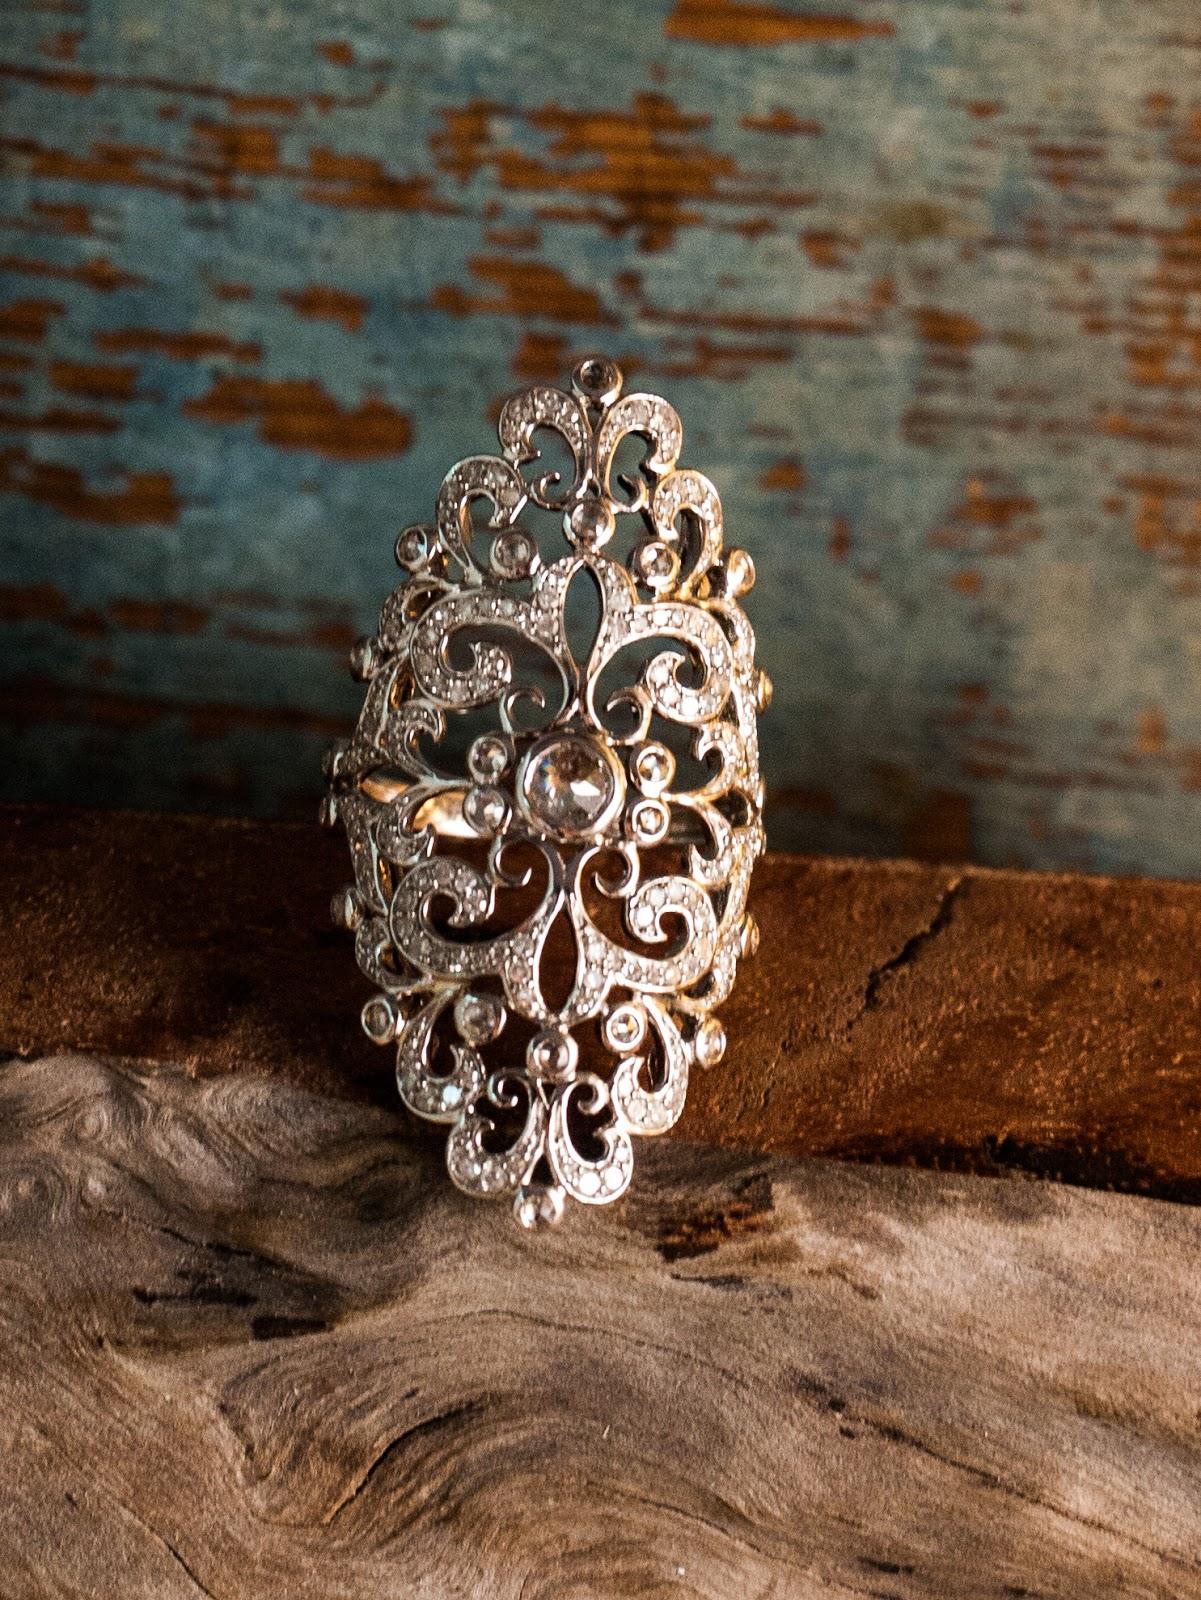 A Sympnony in White Gold and Diamonds DANIELLA KRONFLE